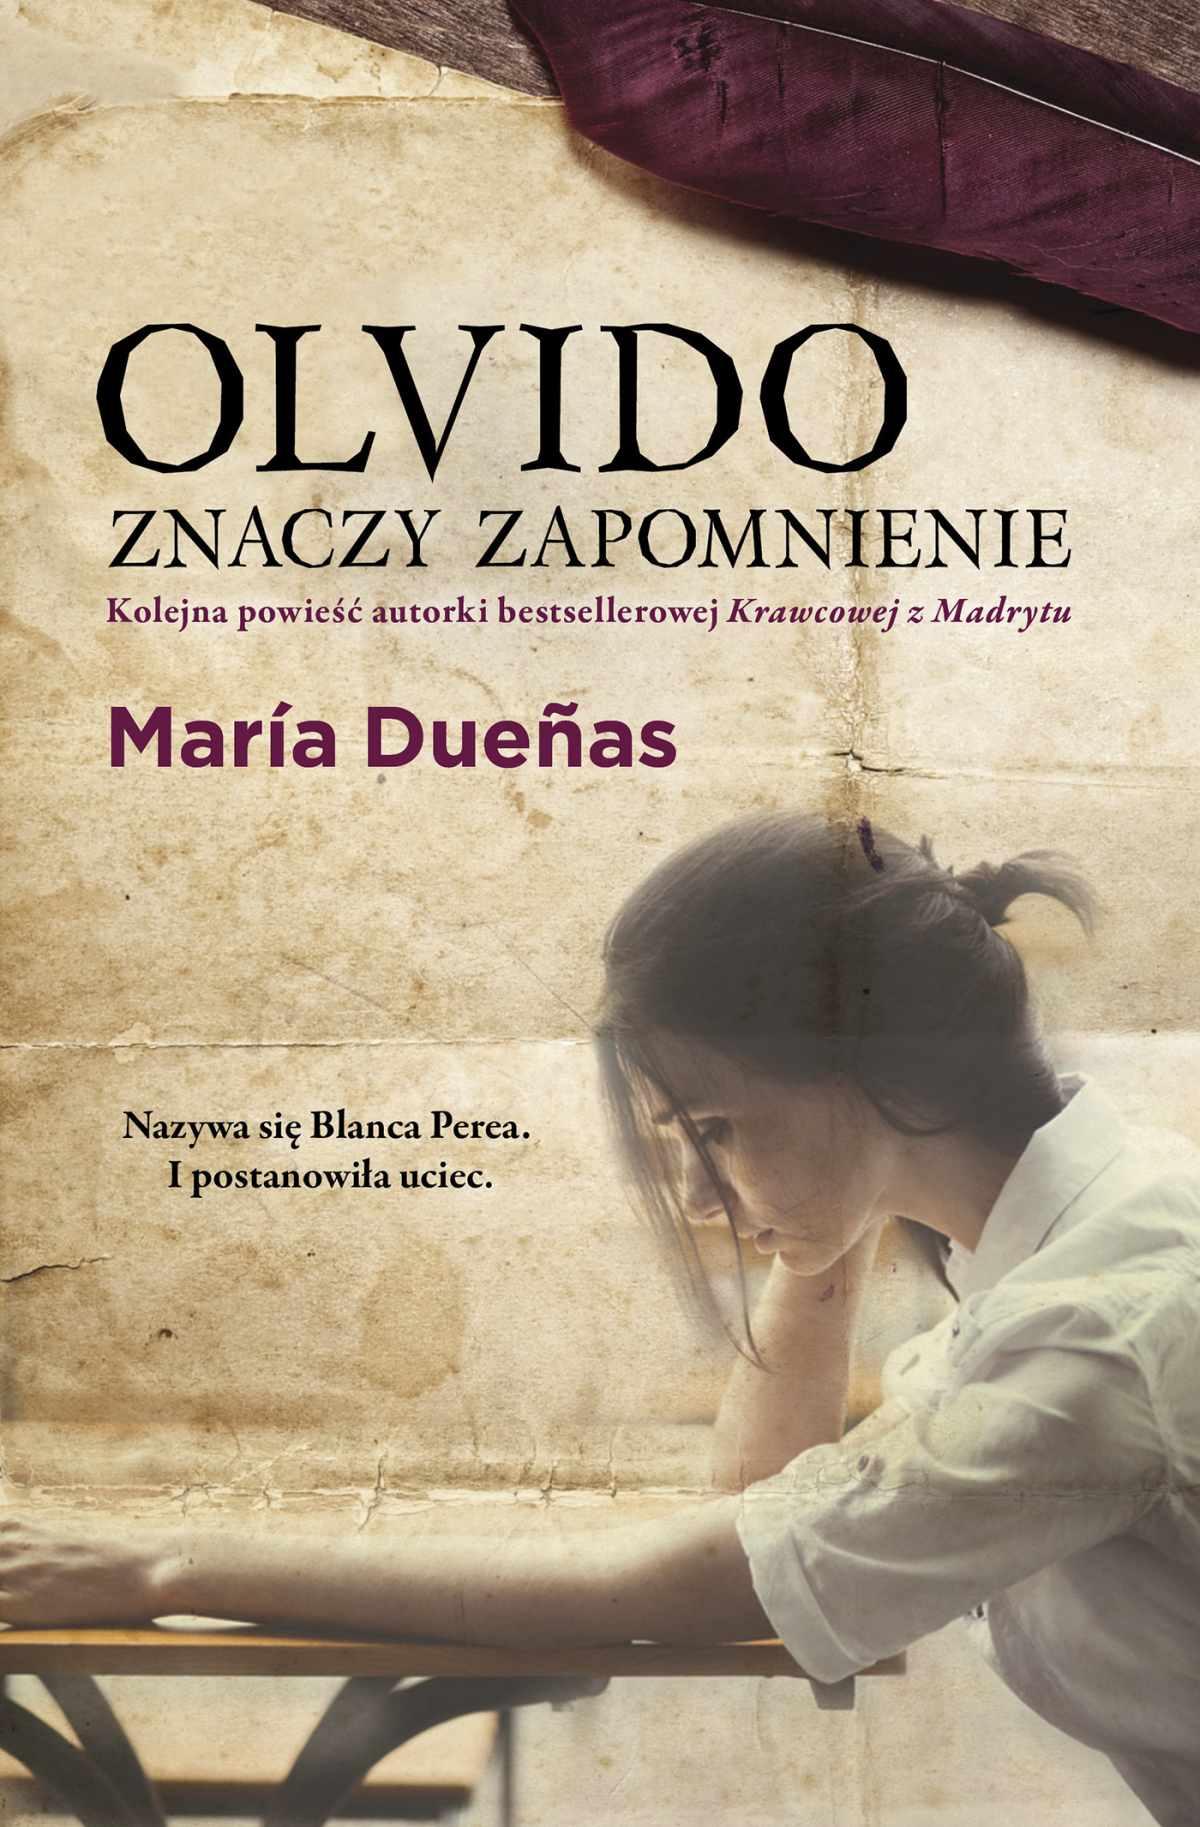 Olvido znaczy zapomnienie - Ebook (Książka na Kindle) do pobrania w formacie MOBI